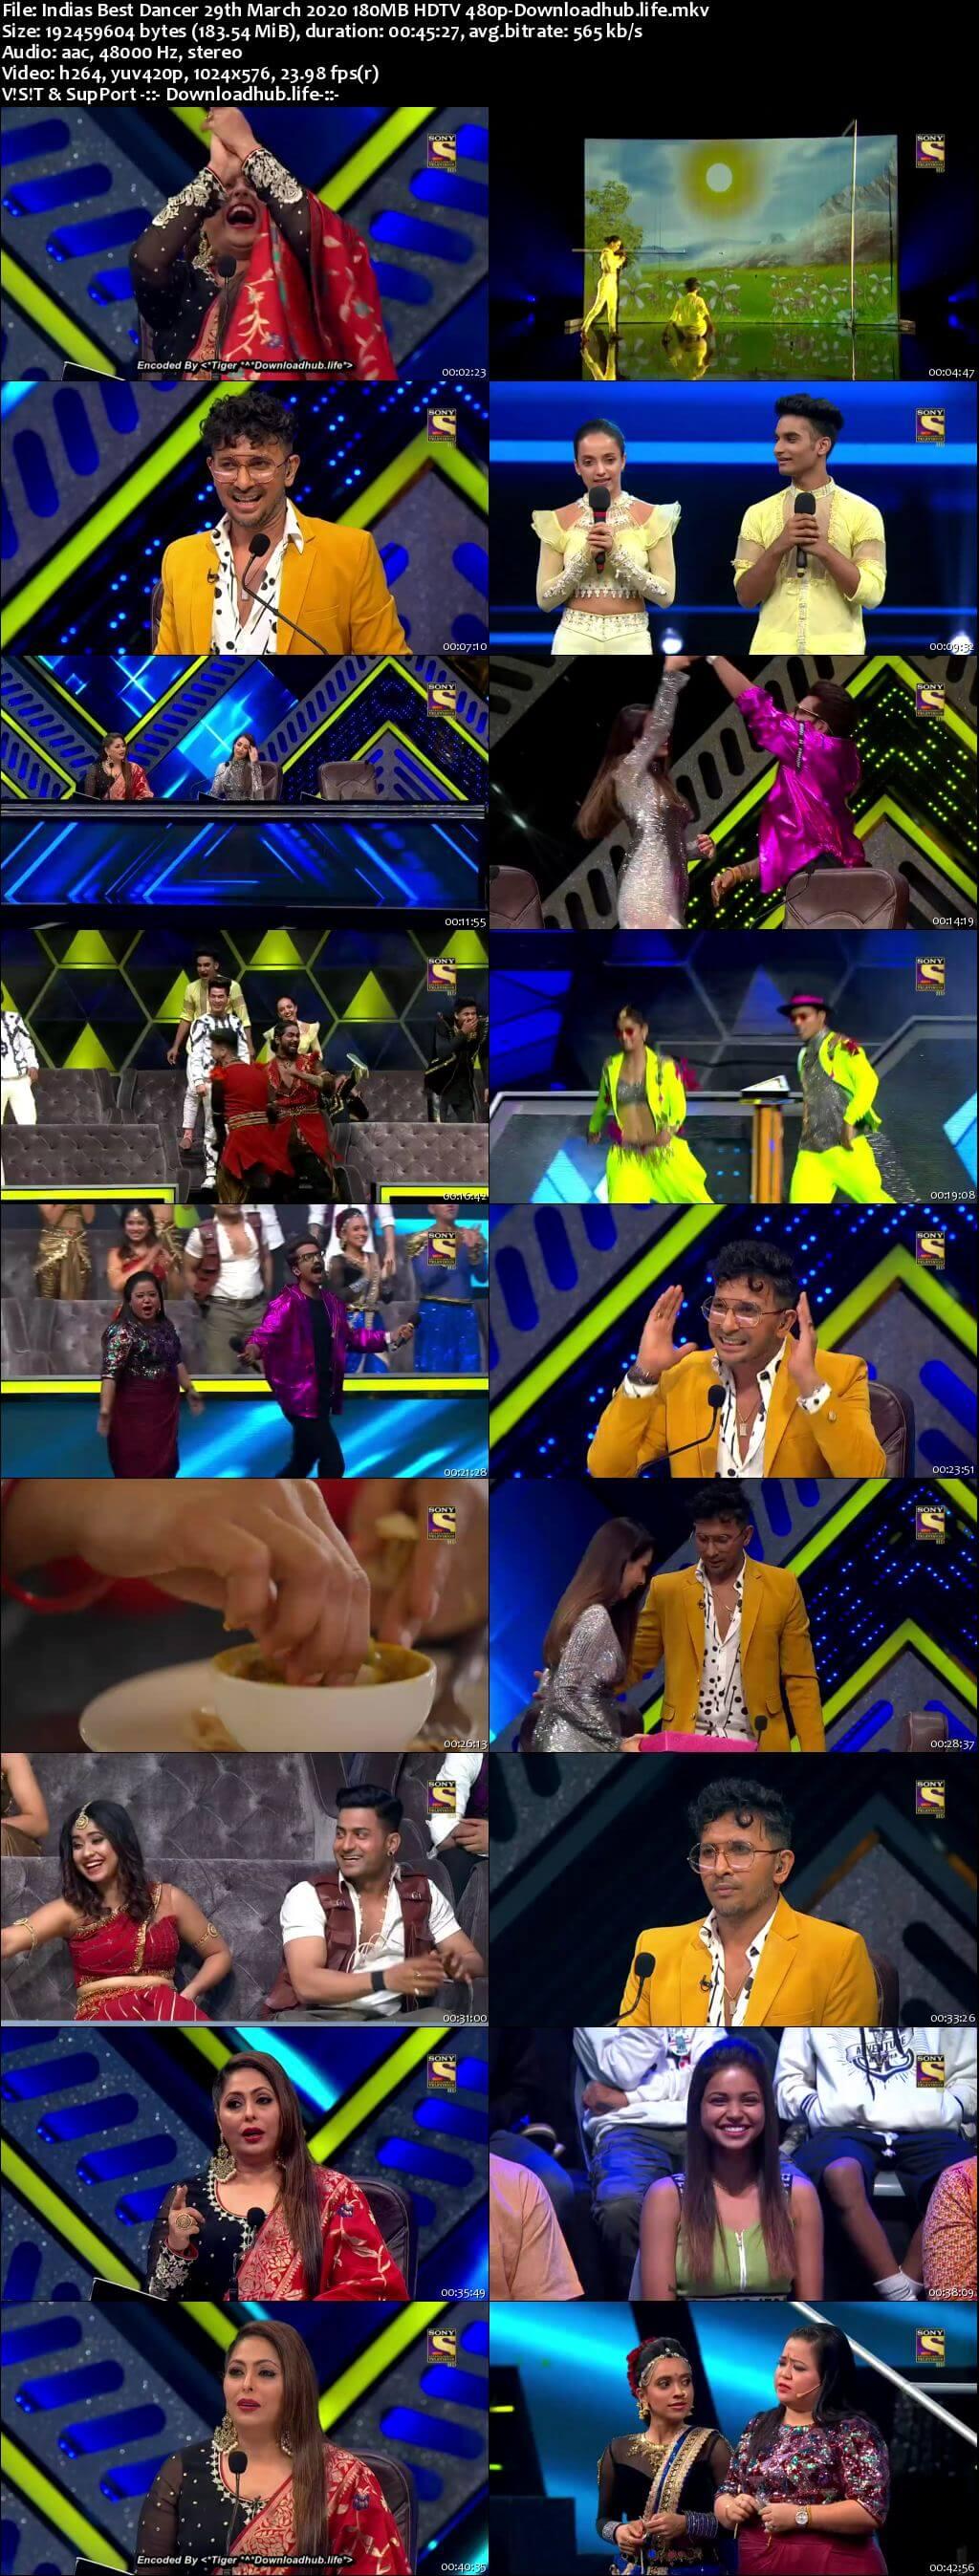 Indias Best Dancer 29 March 2020 Episode 10 HDTV 480p